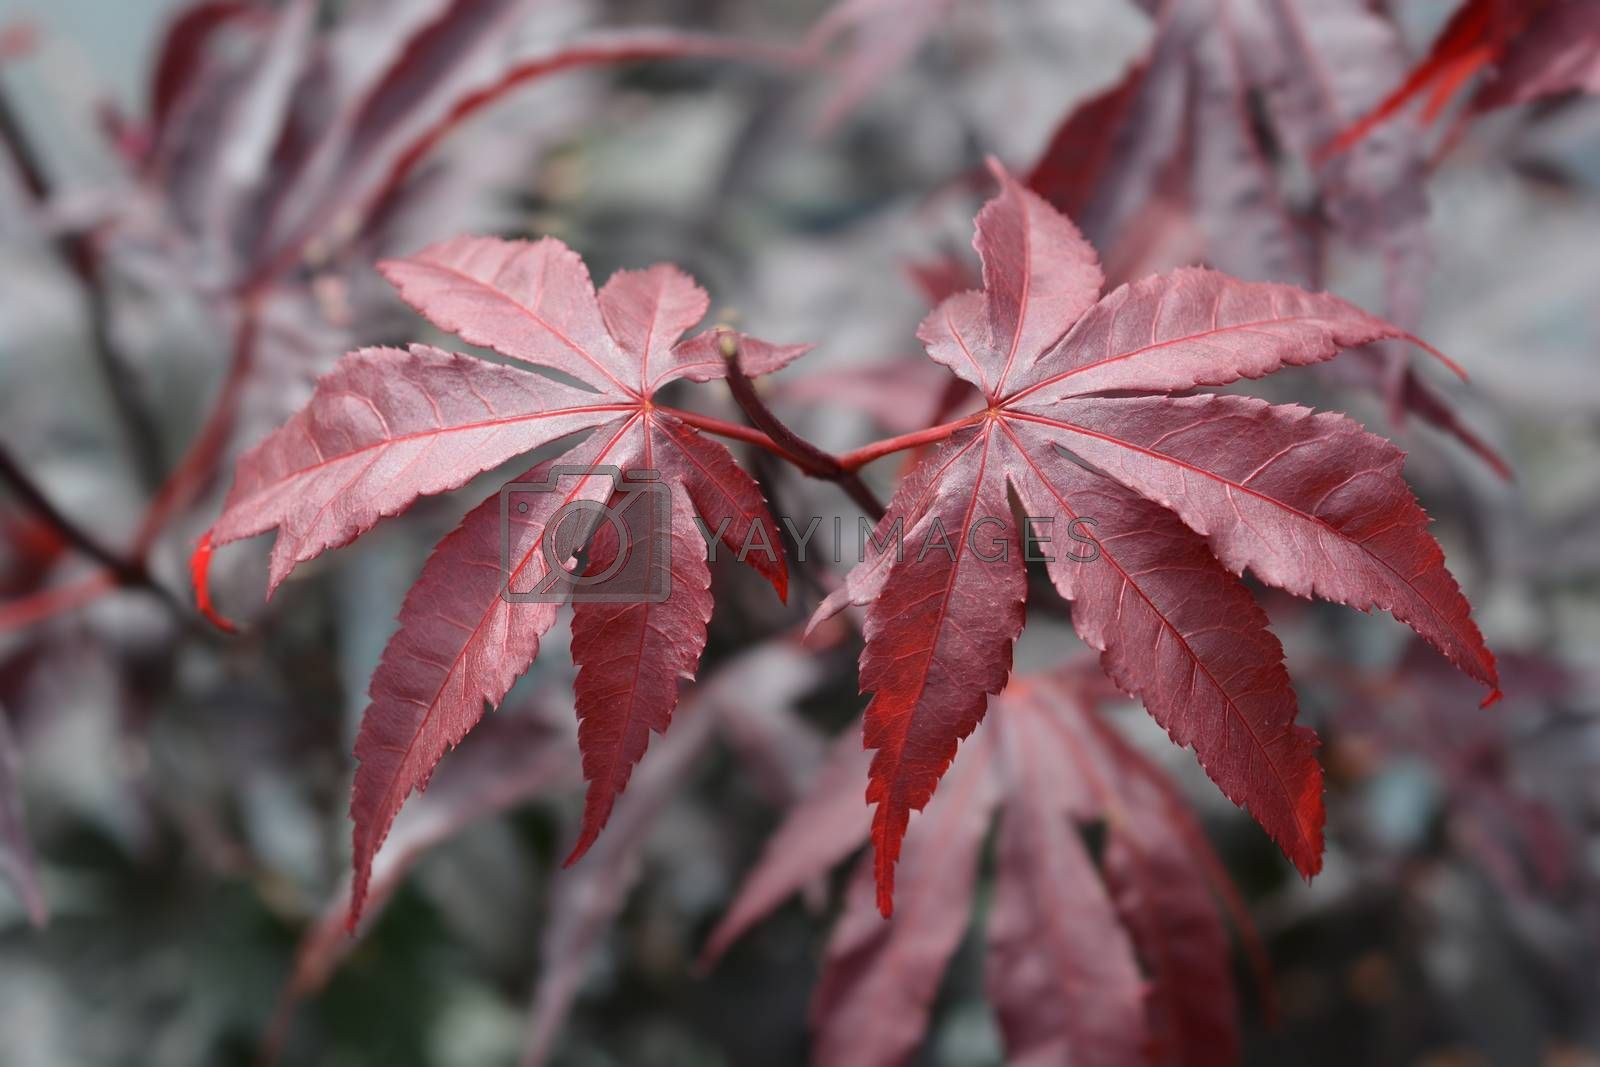 Japanese Maple Bloodgood - Latin name - Acer palmatum Bloodgood